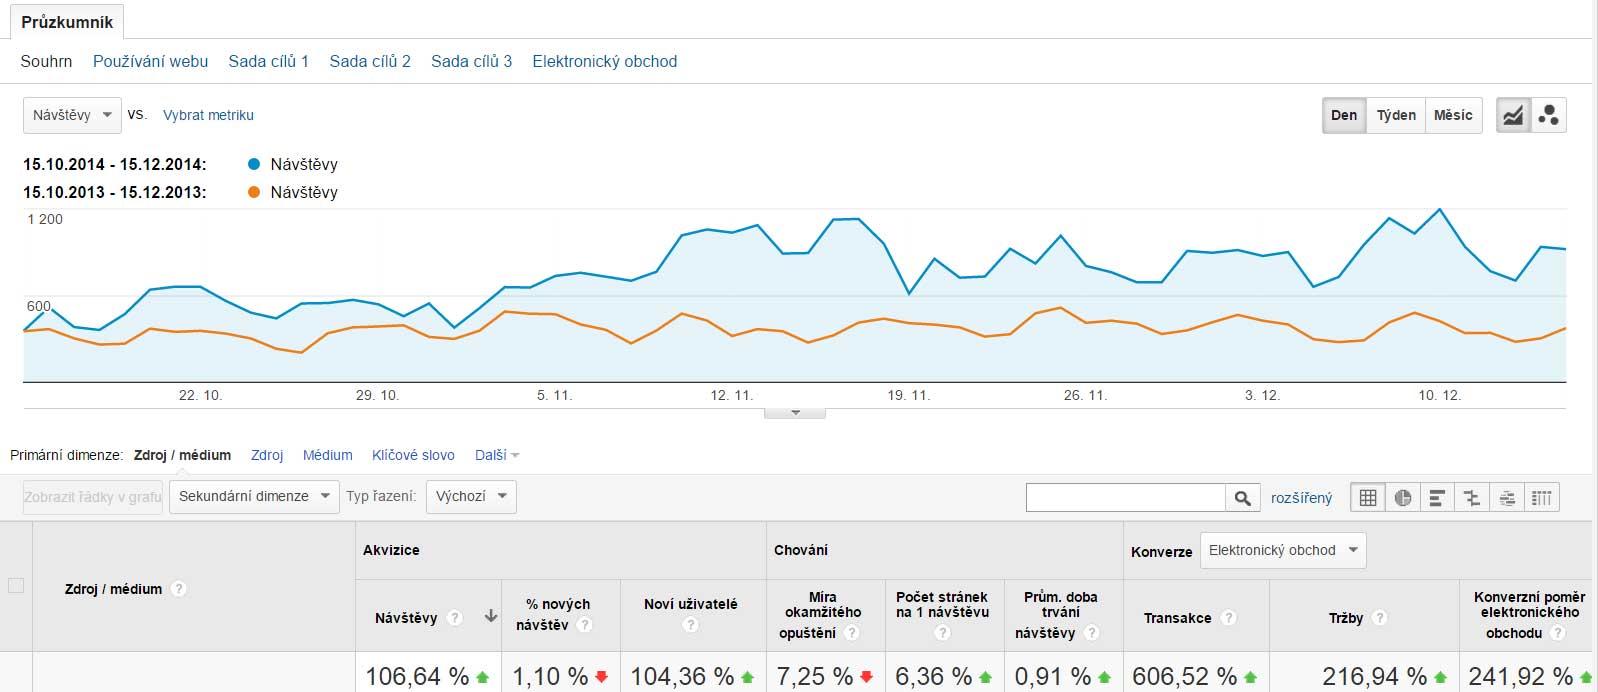 Kompletním předěláním webu se podařilo meziročně zvýšit konverzní poměr stránek o 243 %.